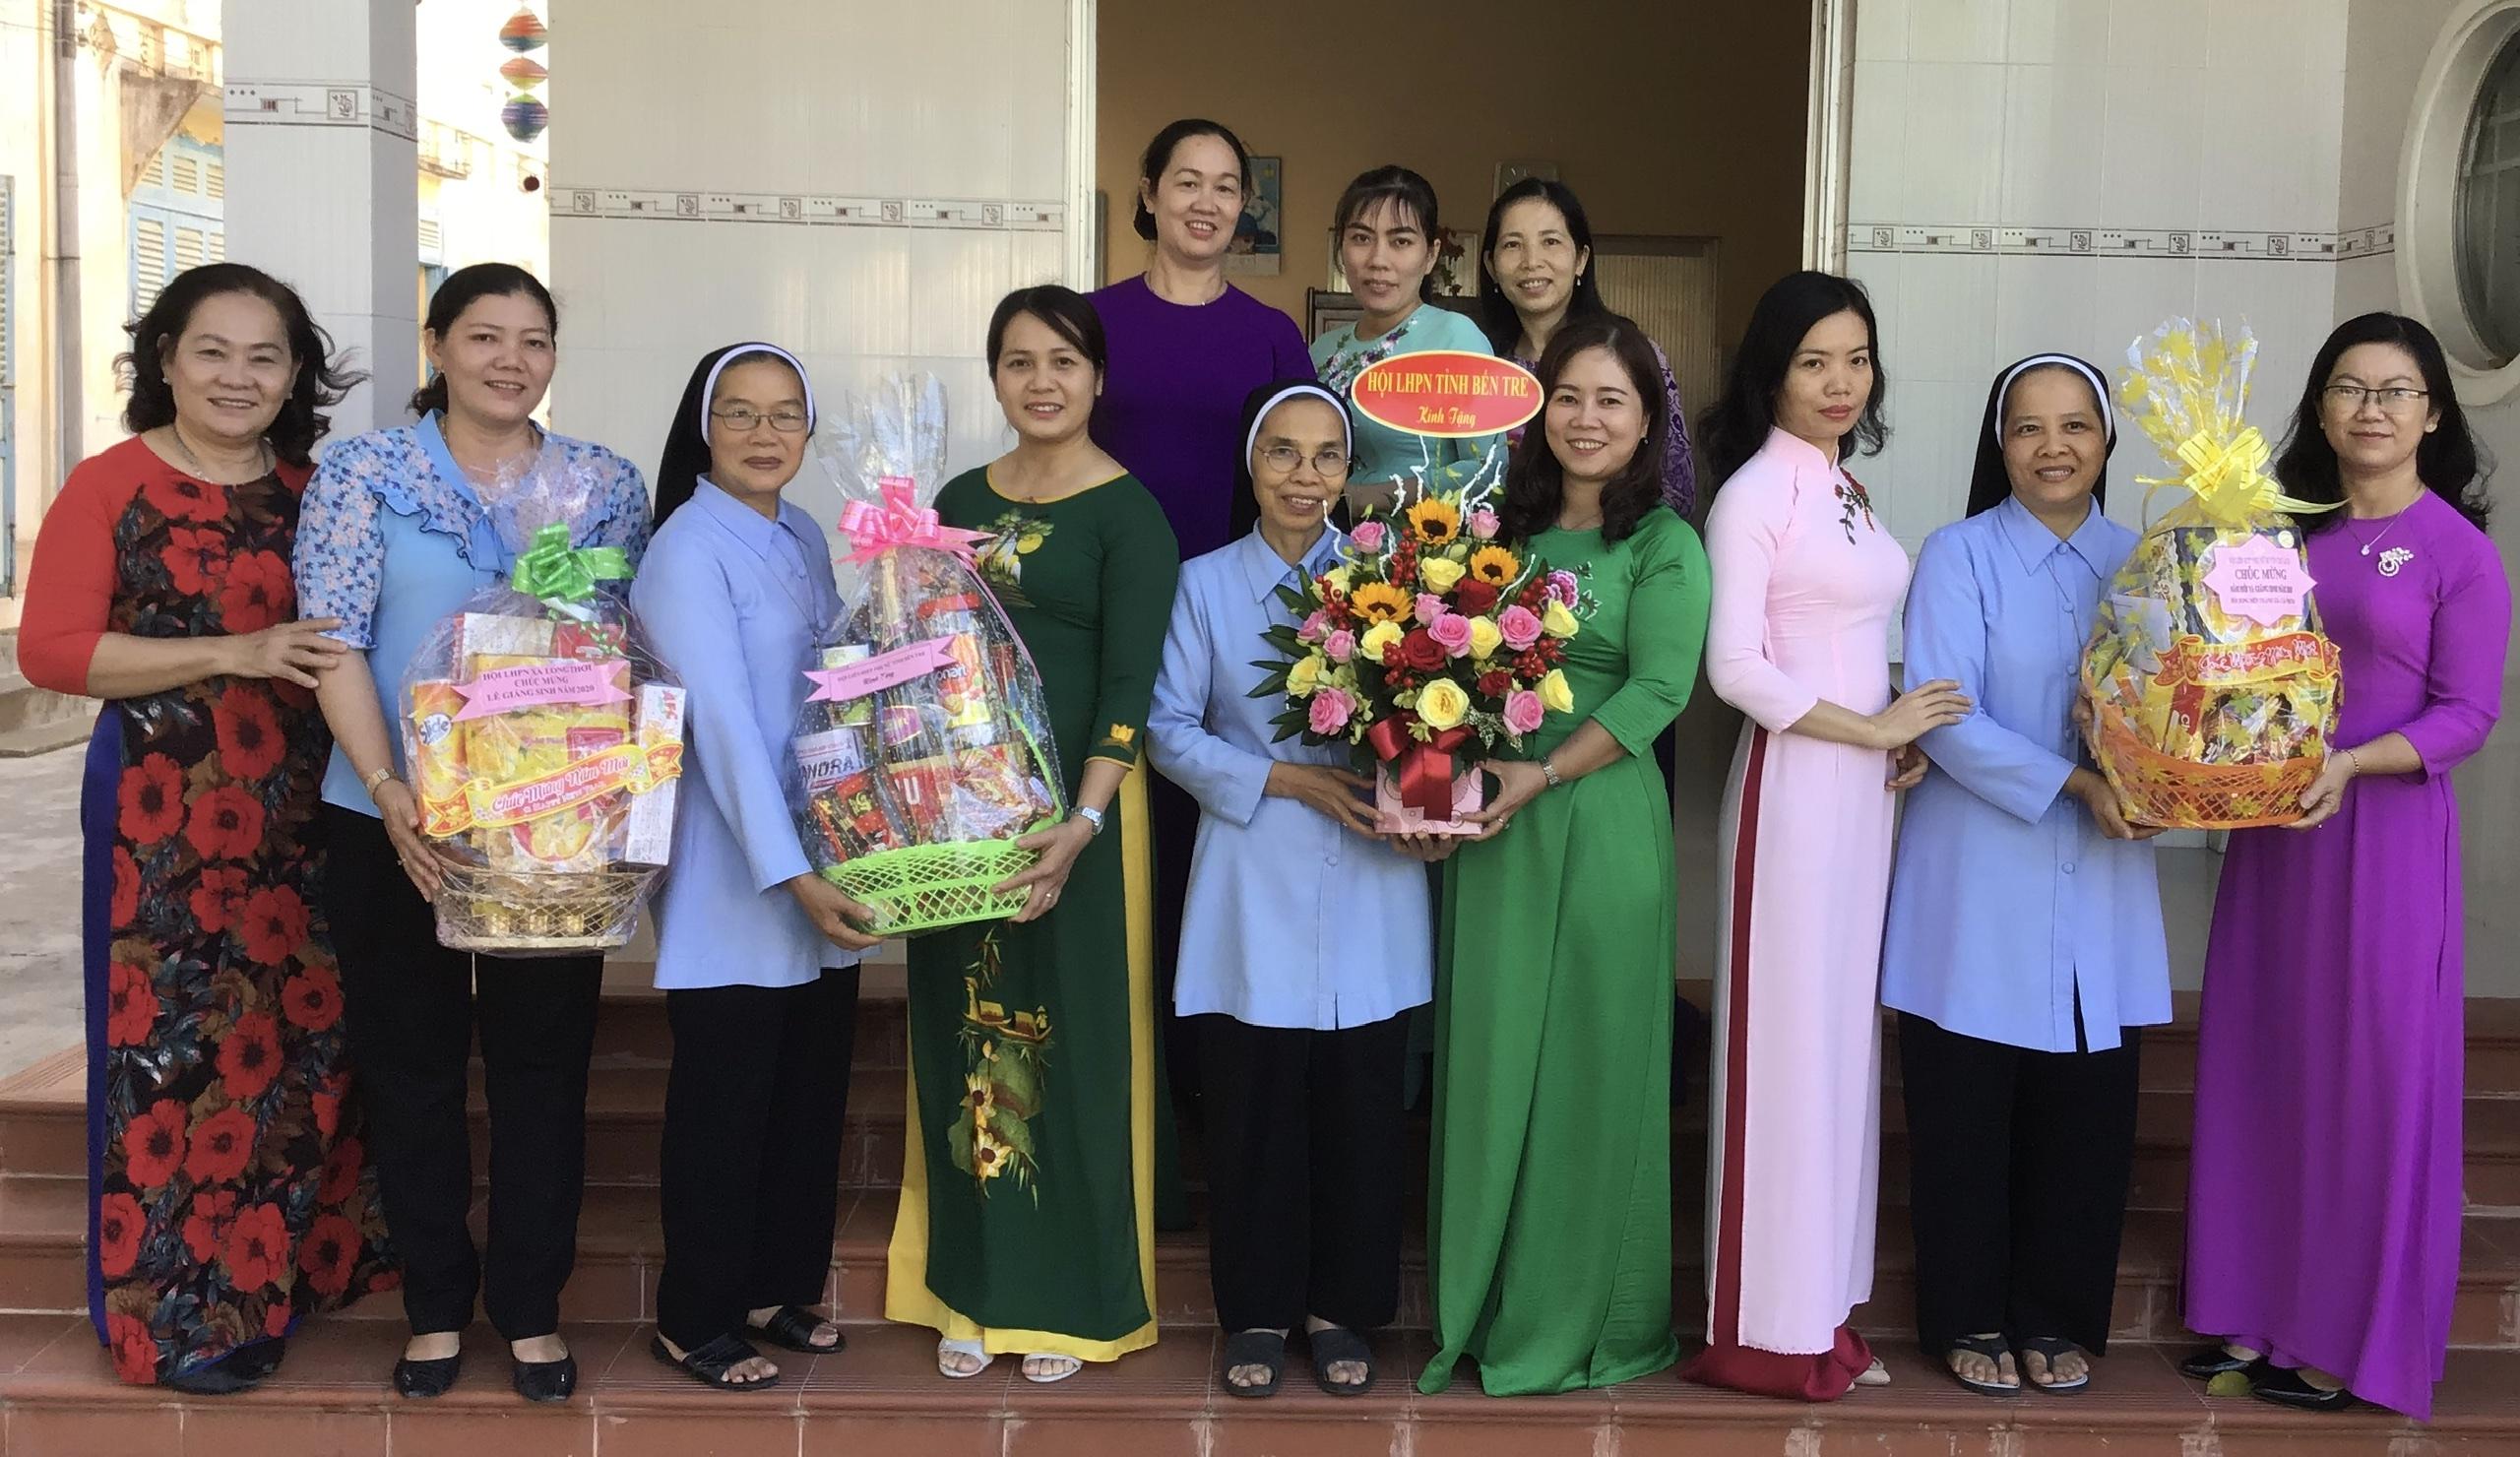 Thăm tặng quà các Hội Dòng mến thánh giá trong tỉnh